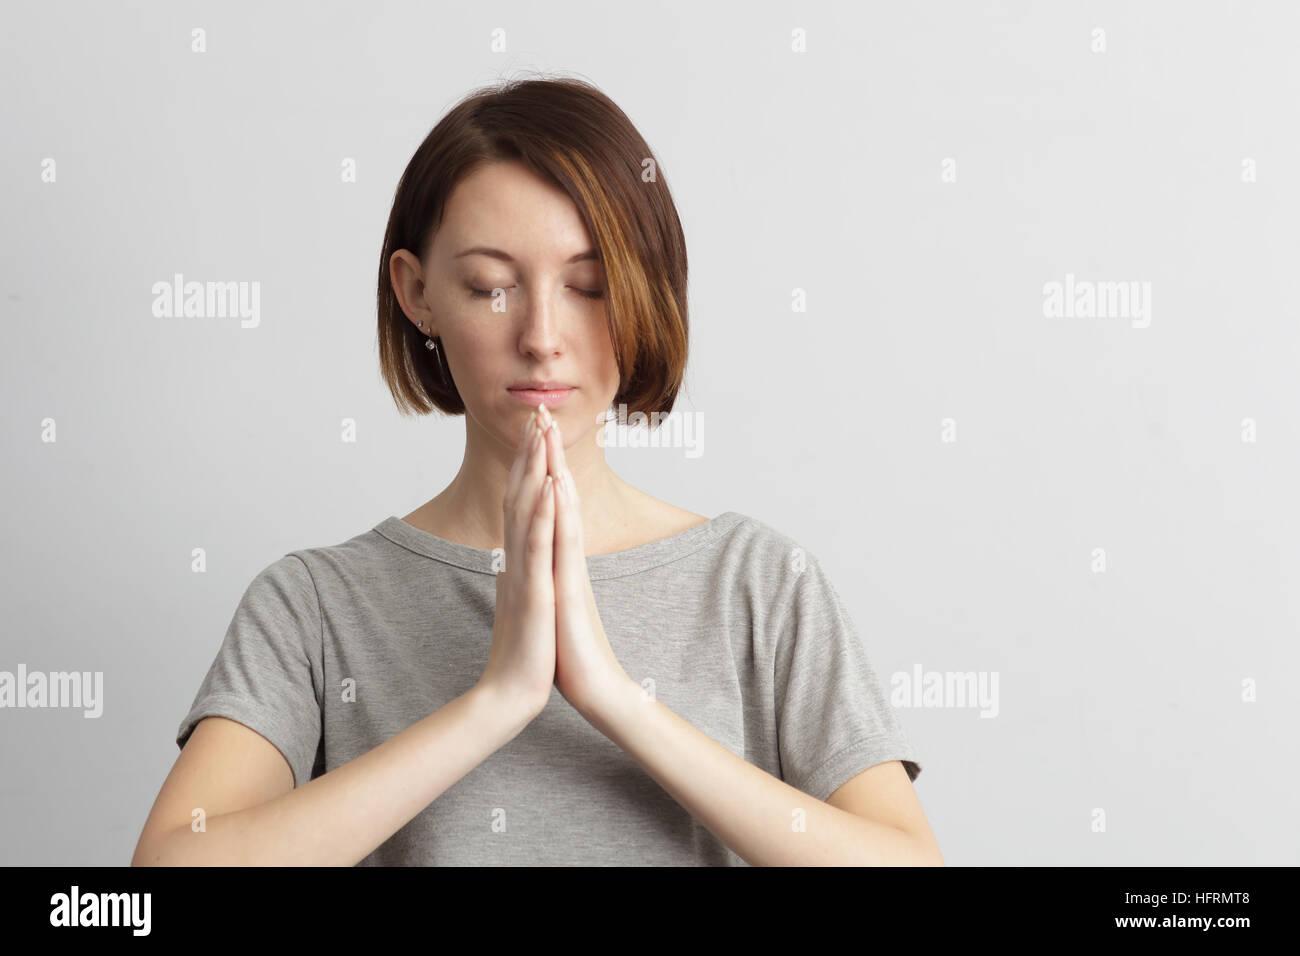 Subconscious Mind Woman Stock Photos & Subconscious Mind Woman Stock